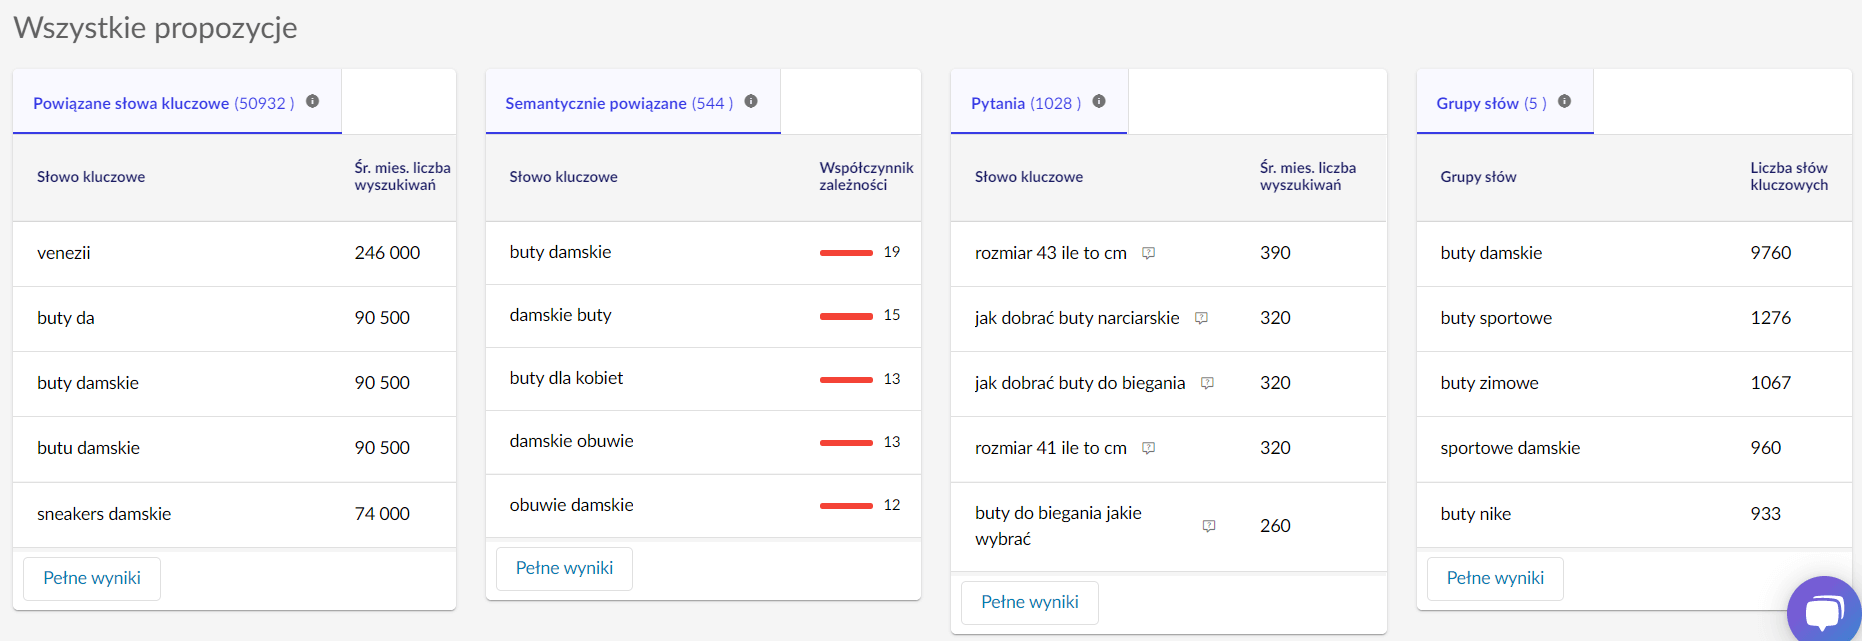 Płatne narzędzia do sprawdzania fraz w wynikach wyszukiwania - Senuto 2